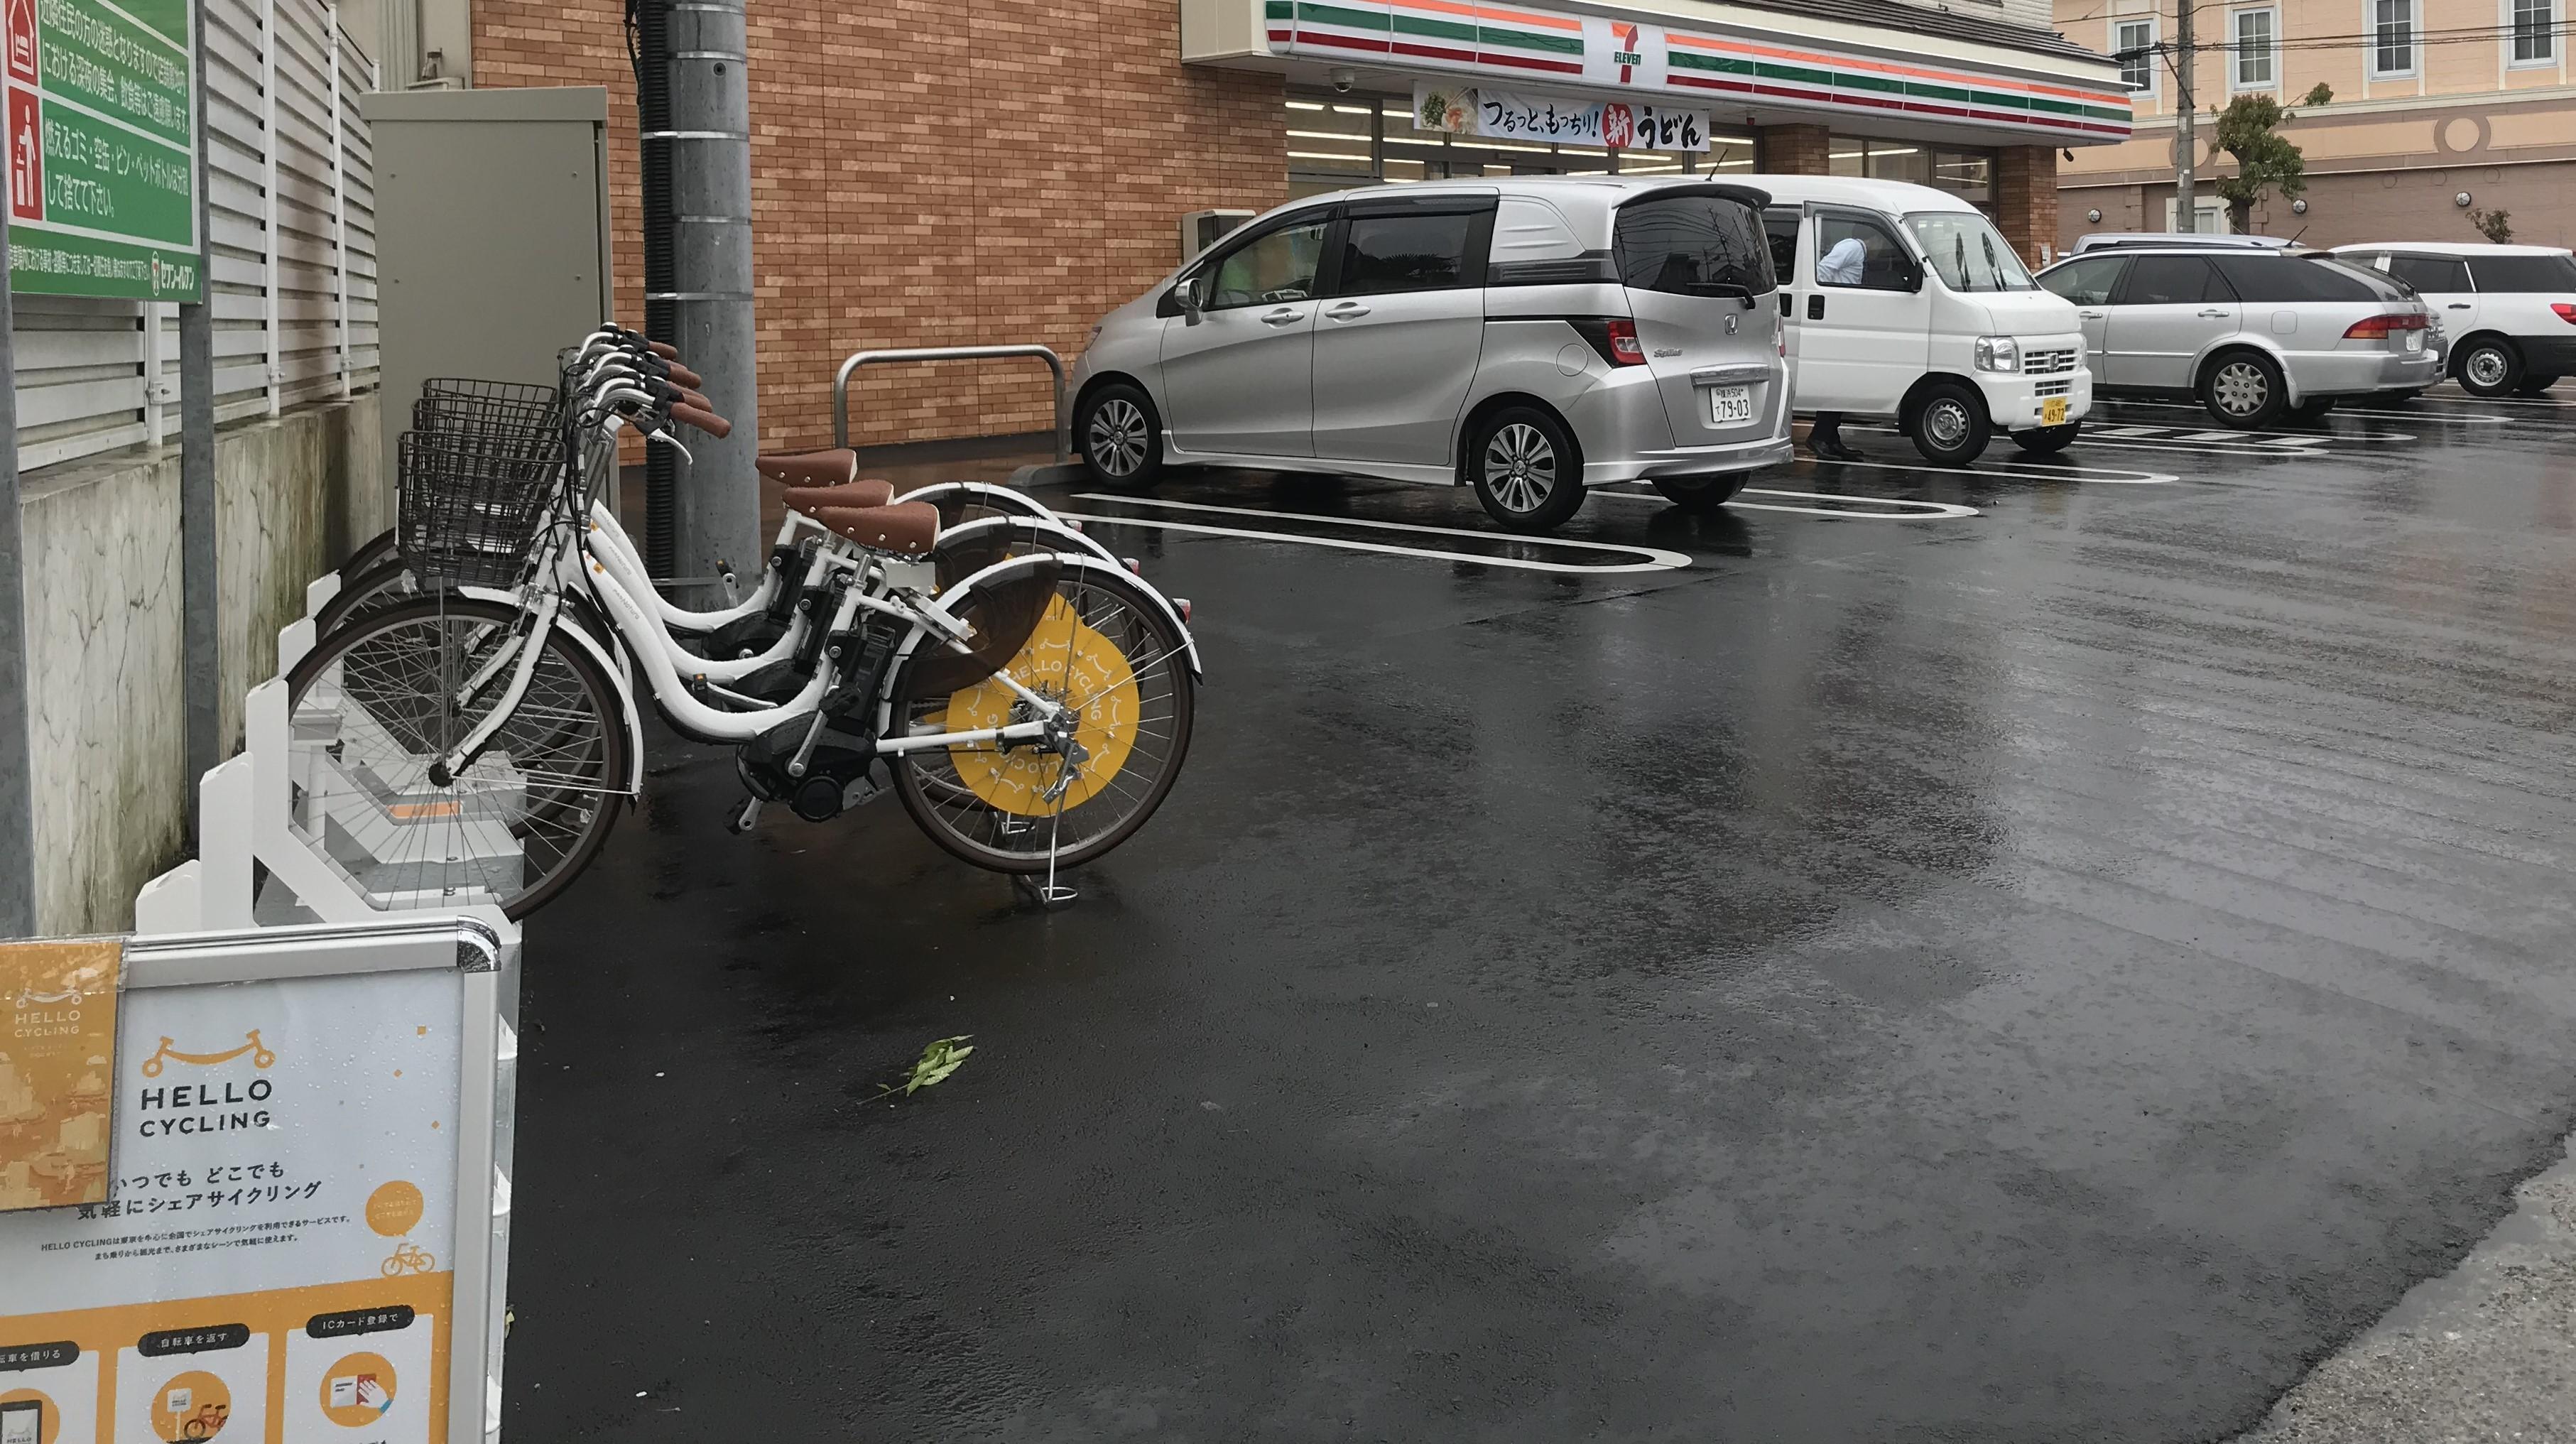 セブンイレブン 横浜日の森店 (HELLO CYCLING ポート) image